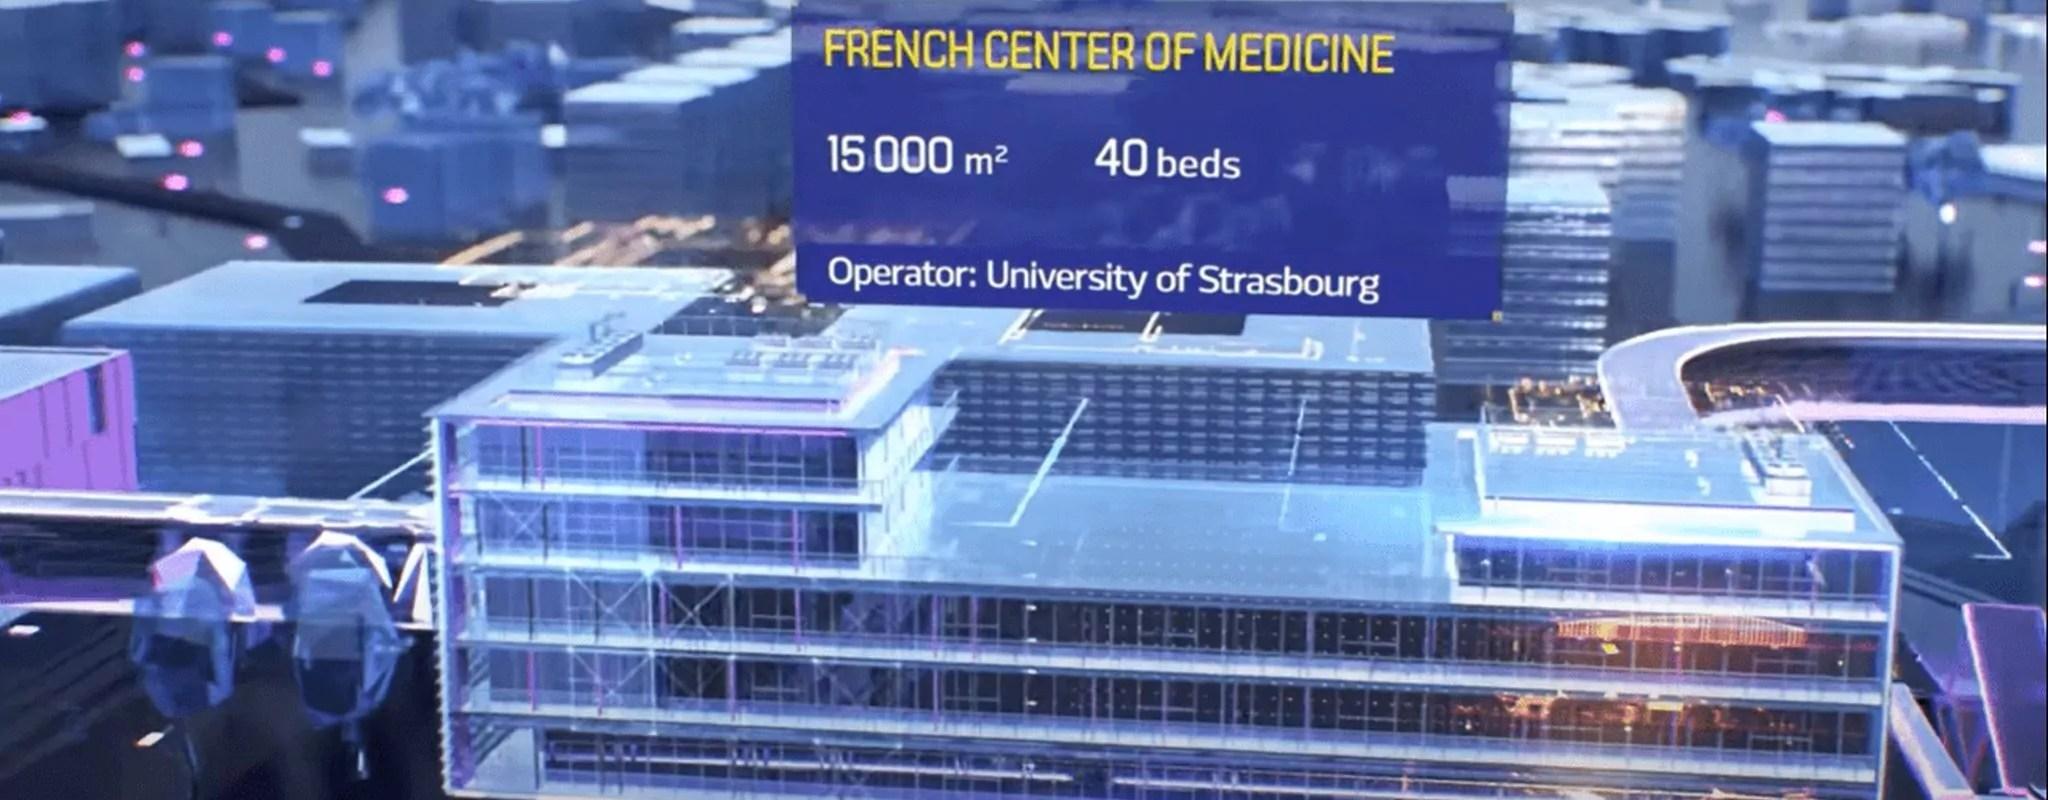 À Moscou, un oligarque russe s'achète des médecins du CHU de Strasbourg pour monter une clinique privée